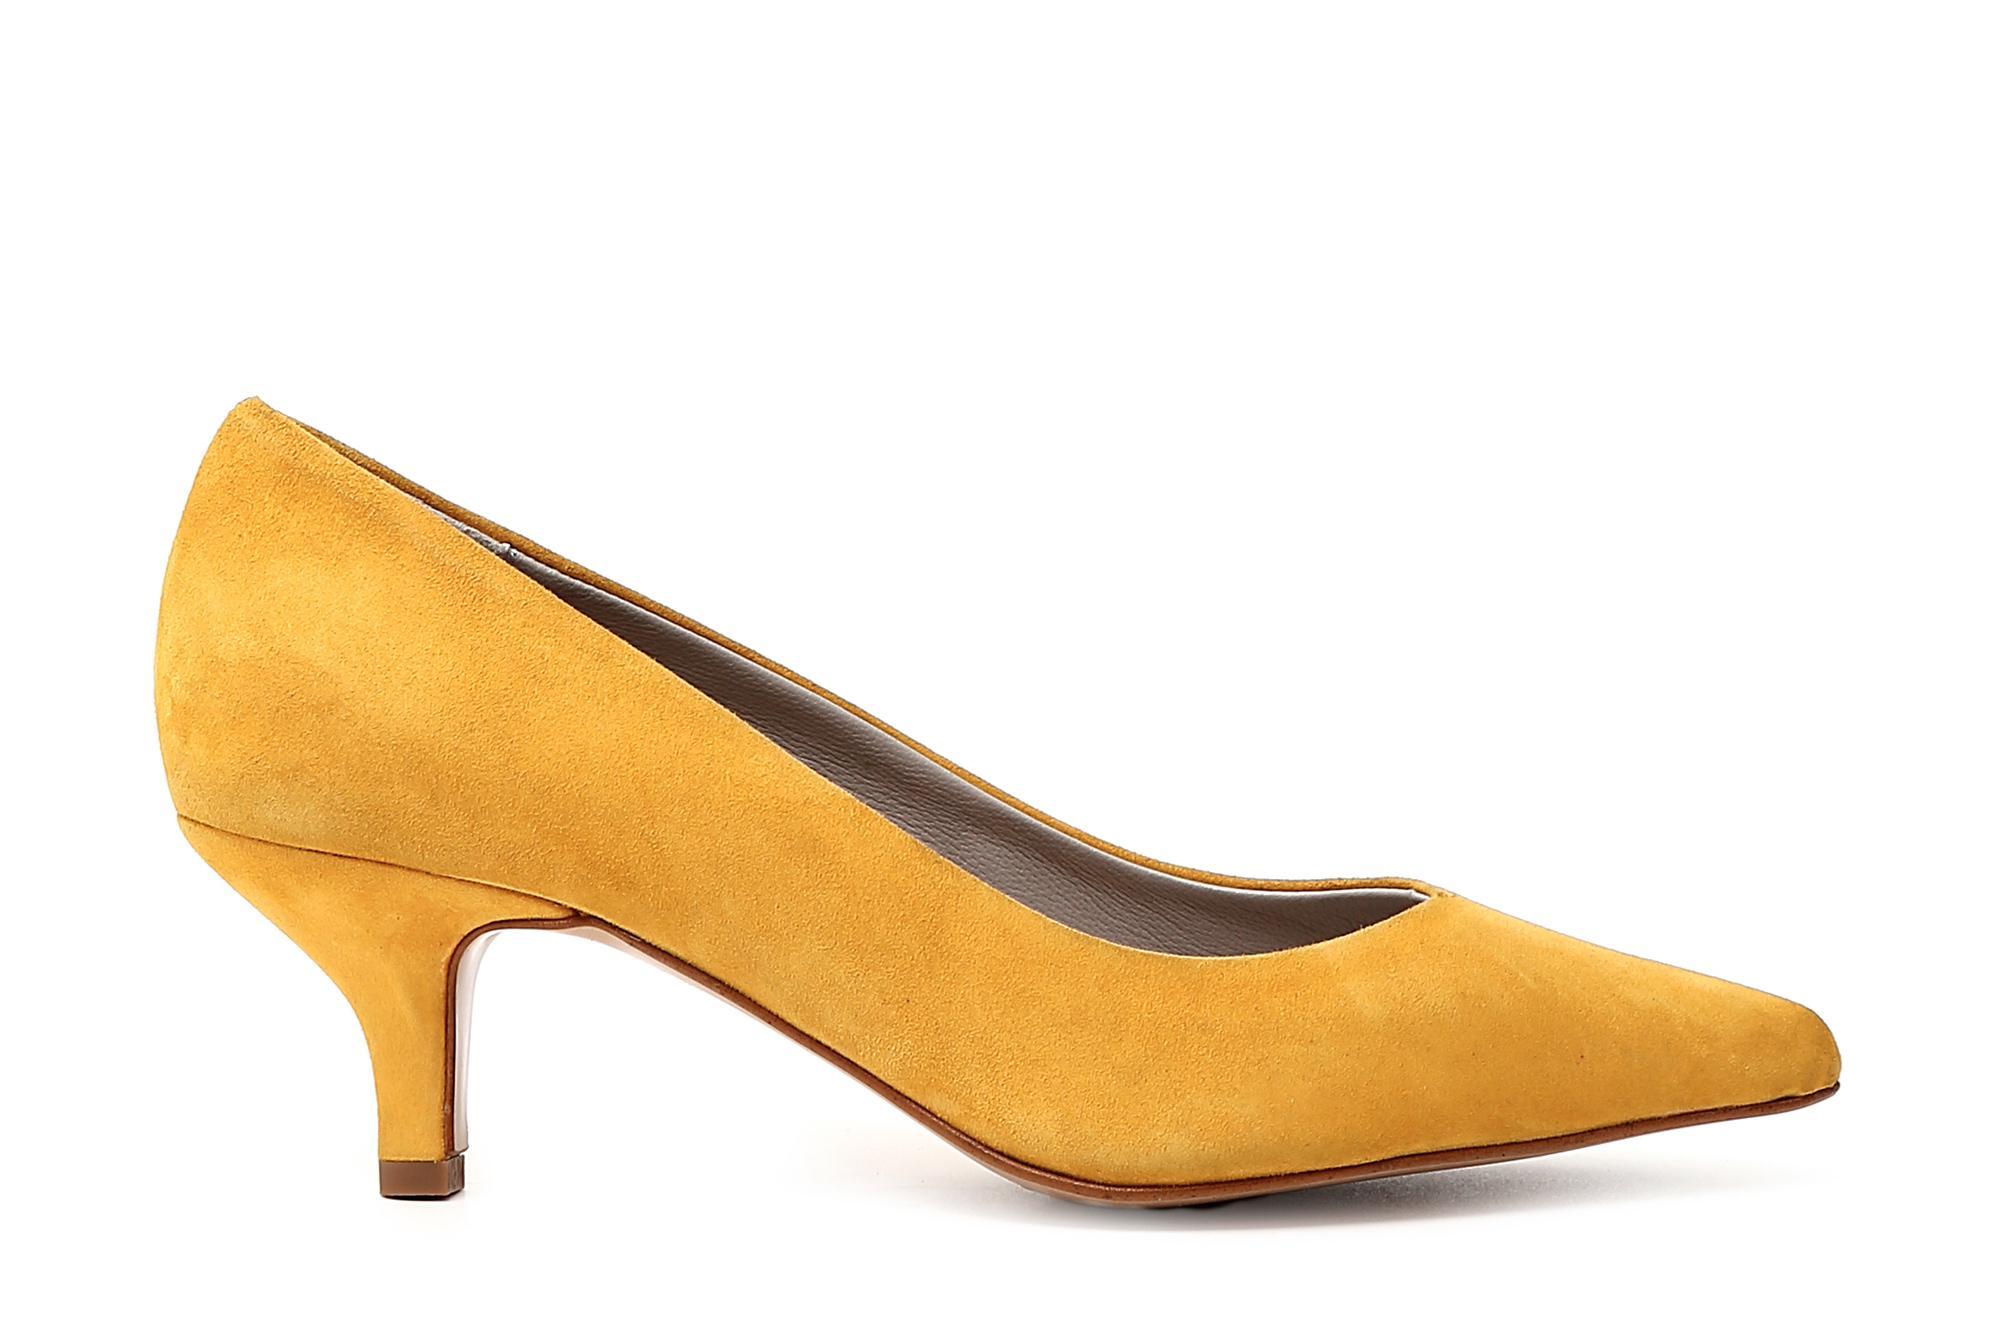 Chaussures Cafè Noir KMC551 Decollette Decollette Decollette SUEDE TALON 55 MM 3942c1